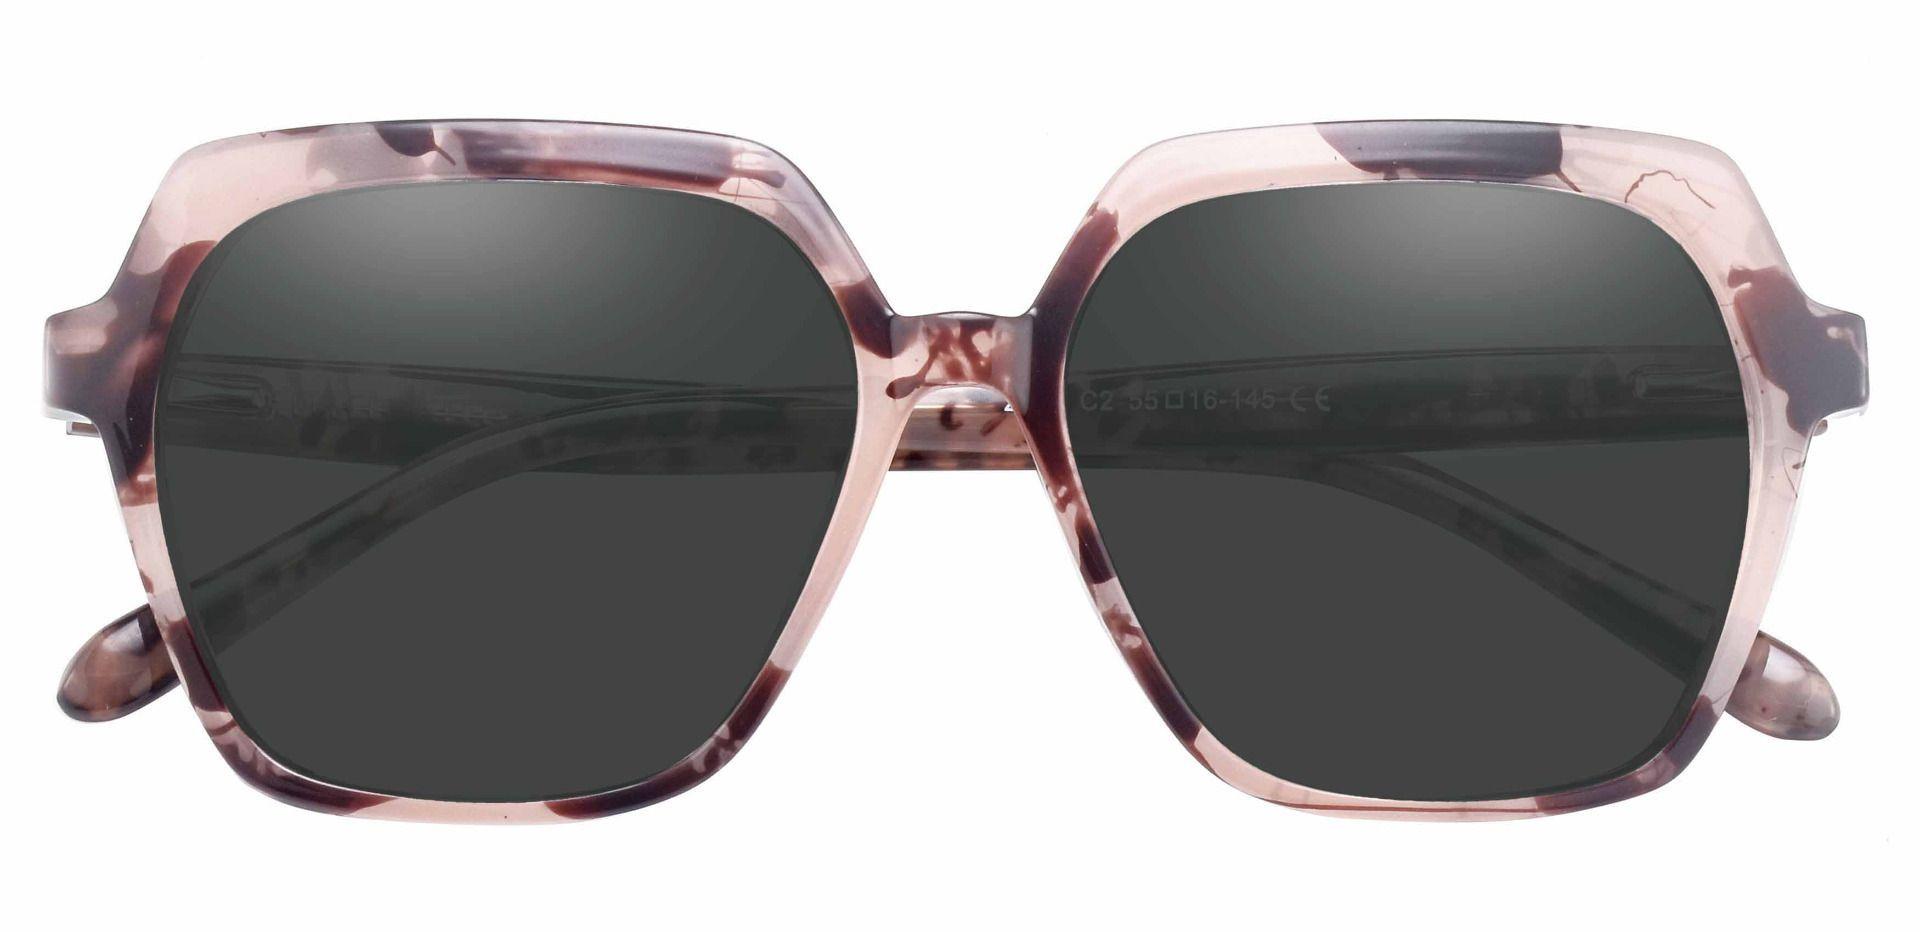 Regent Geometric Progressive Sunglasses - Tortoise Frame With Gray Lenses